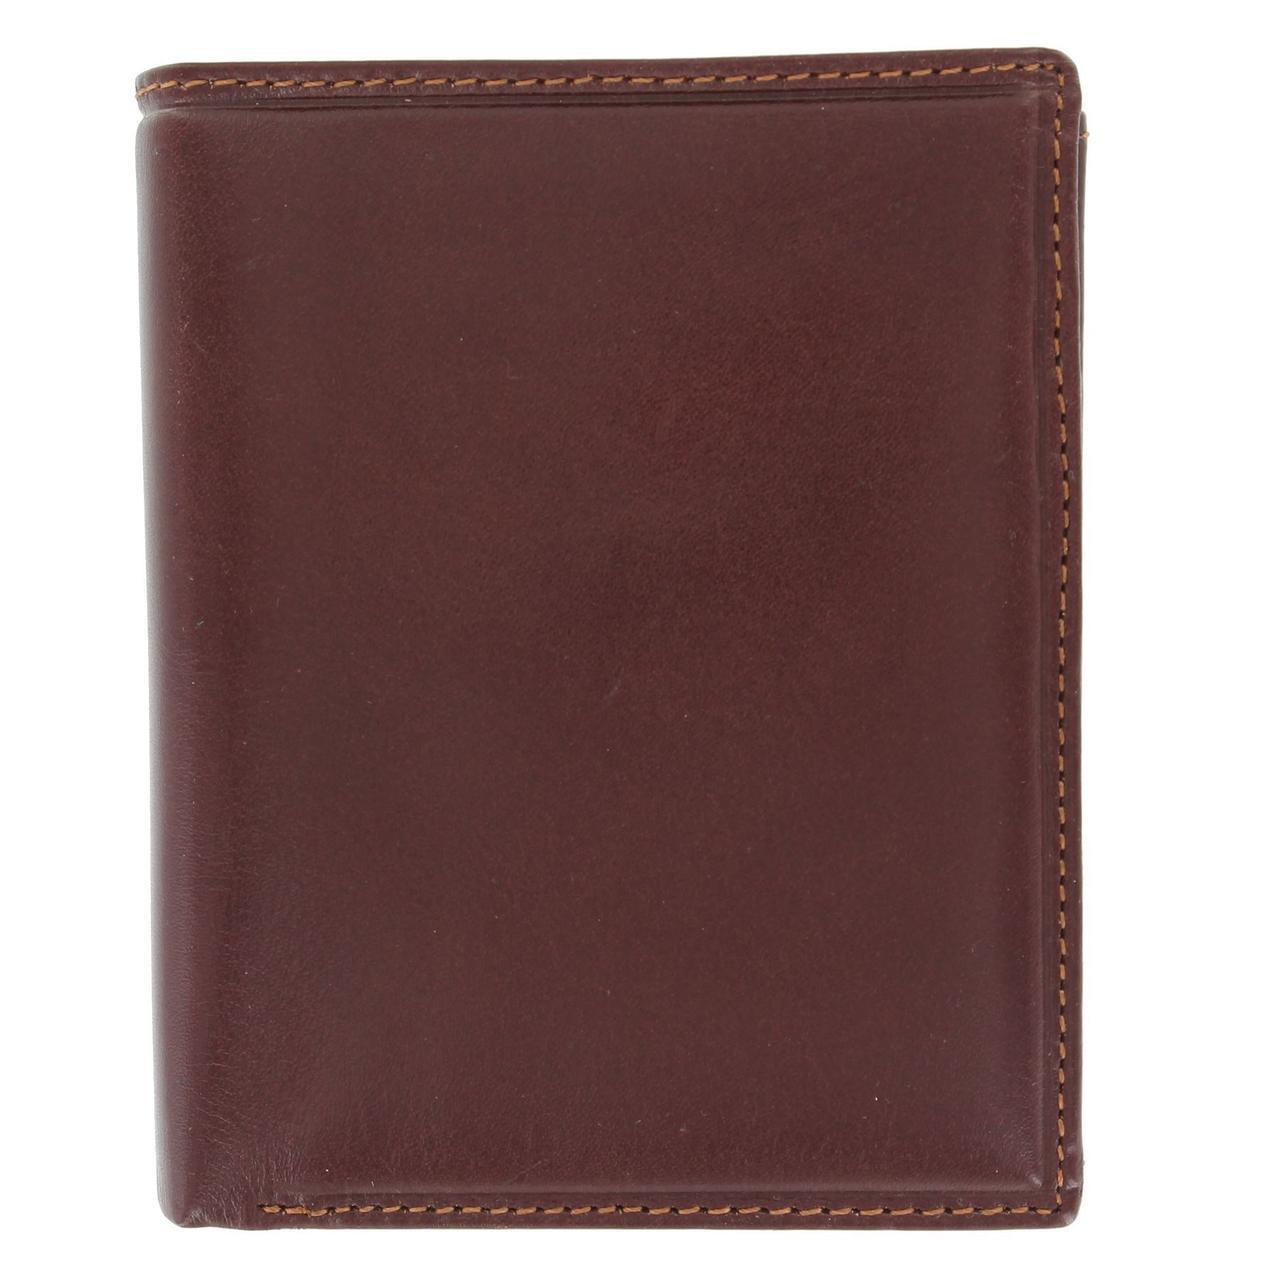 Вертикальный кошелек из гладкой кожи Visconti MZ3 brown (Великобритания)